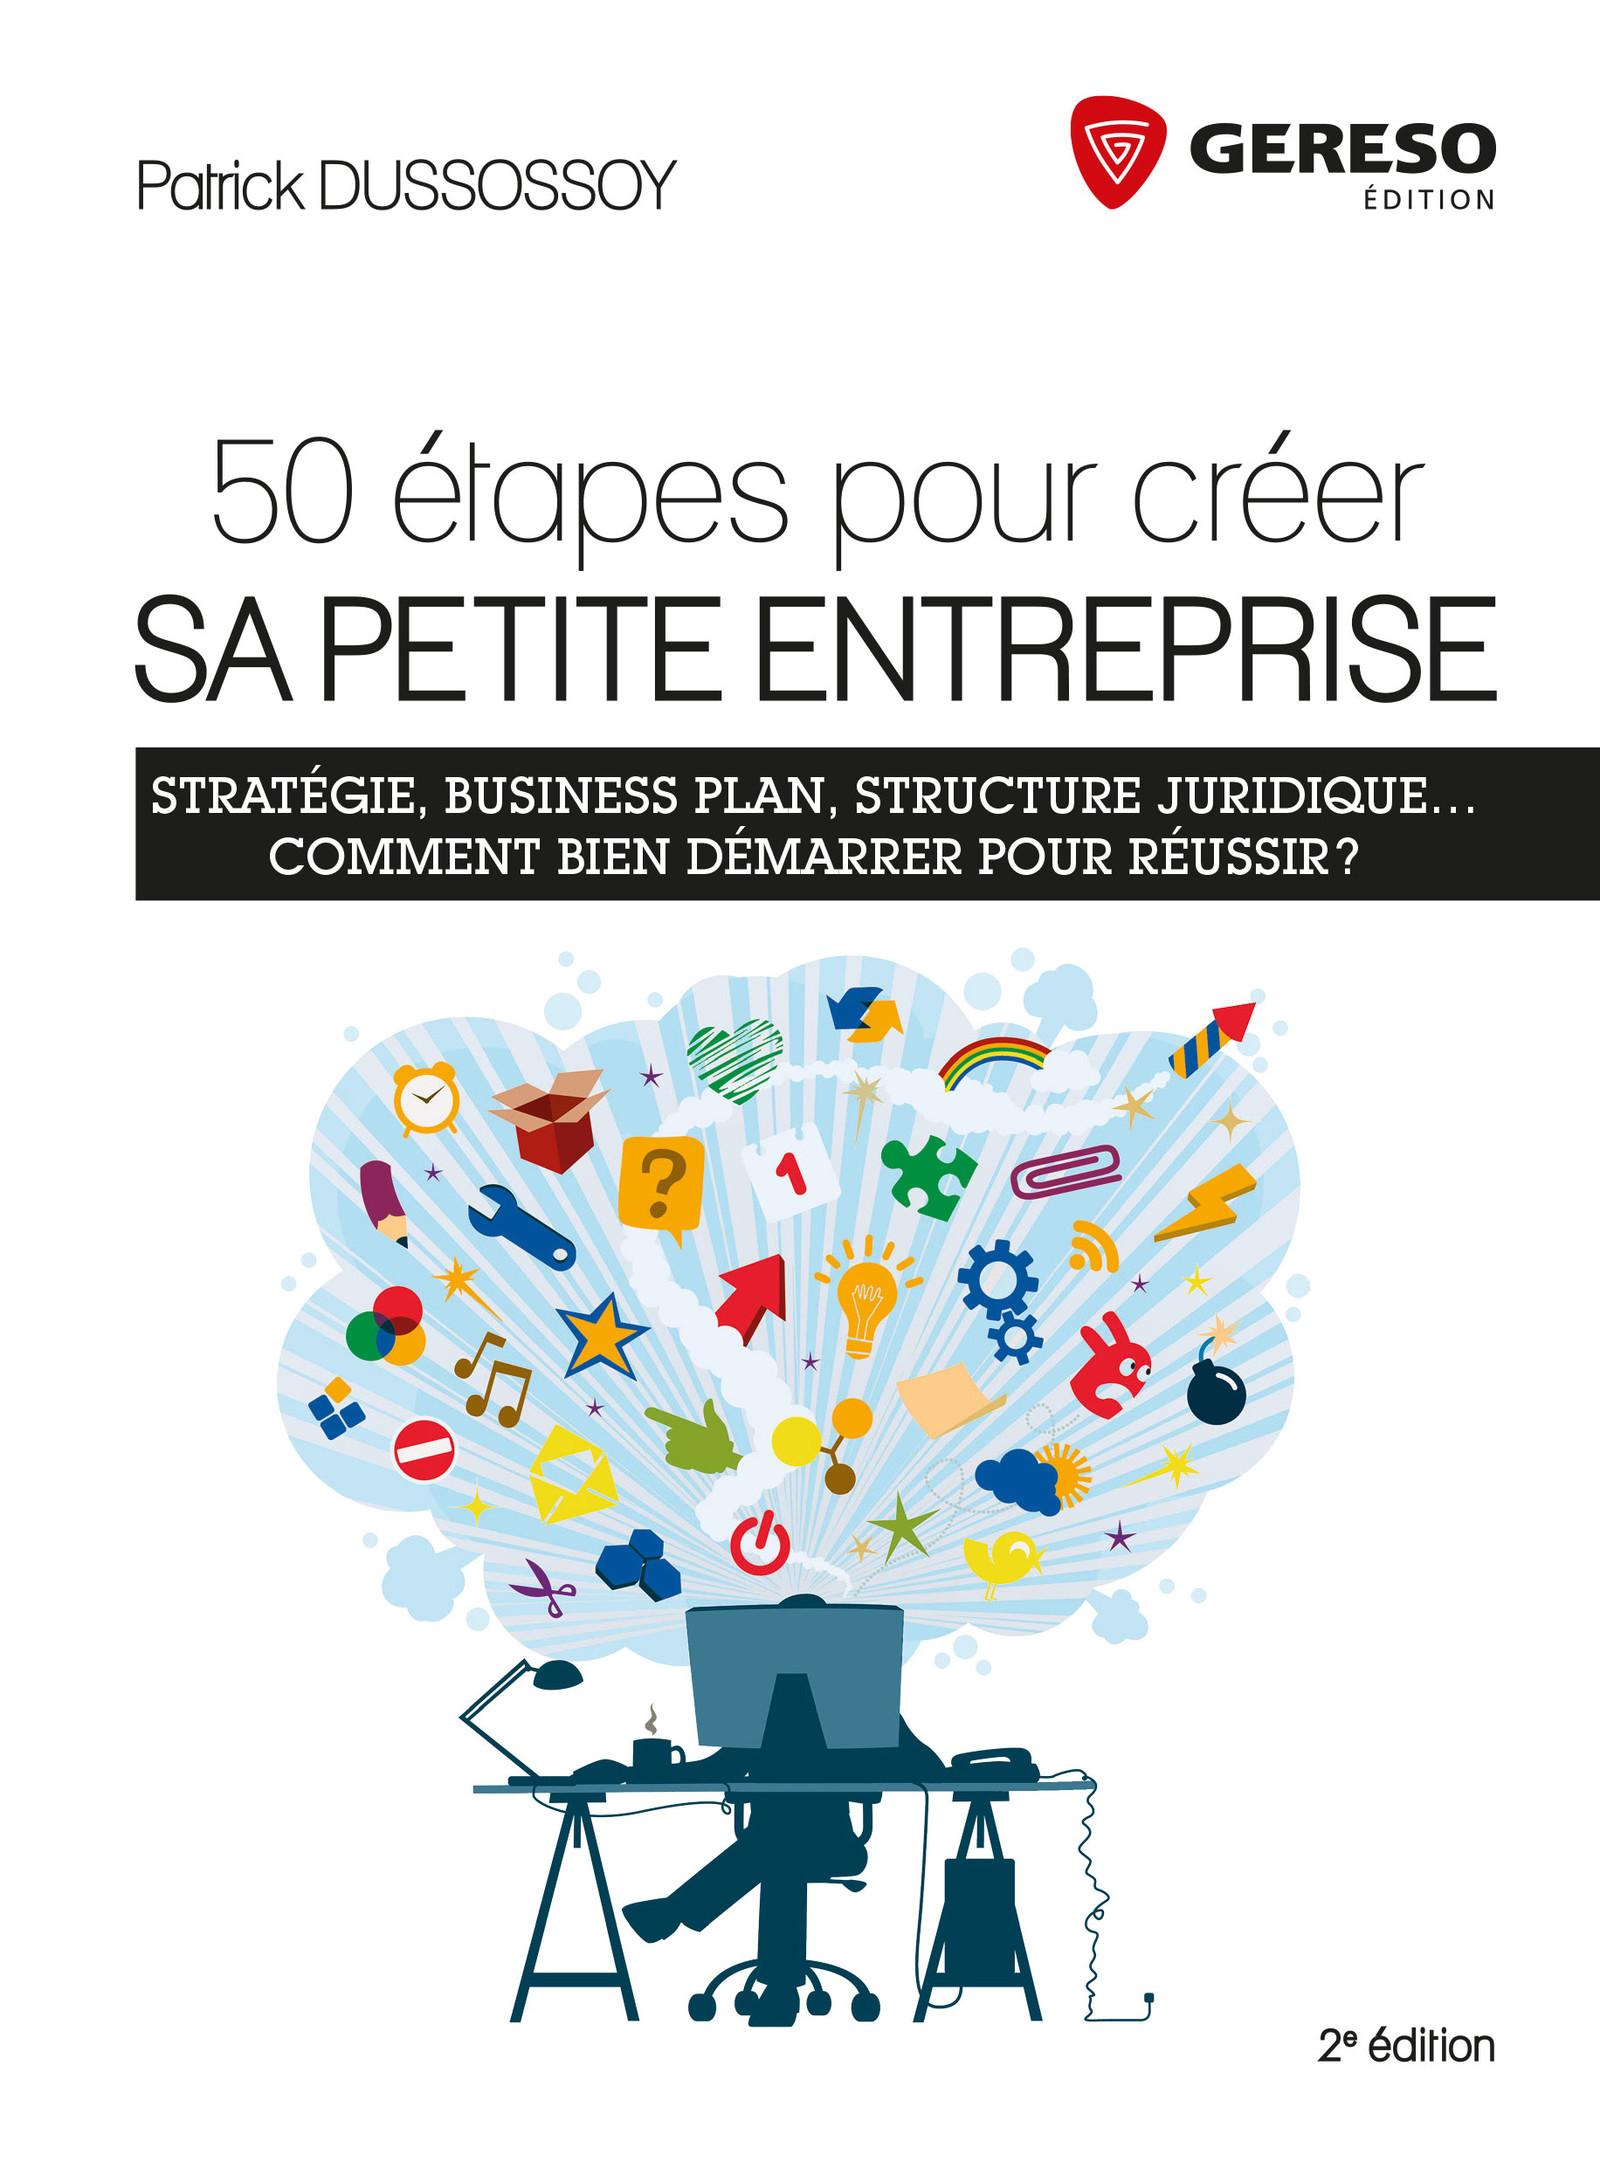 50 étapes pour créer sa petite entreprise - Patrick Dussossoy